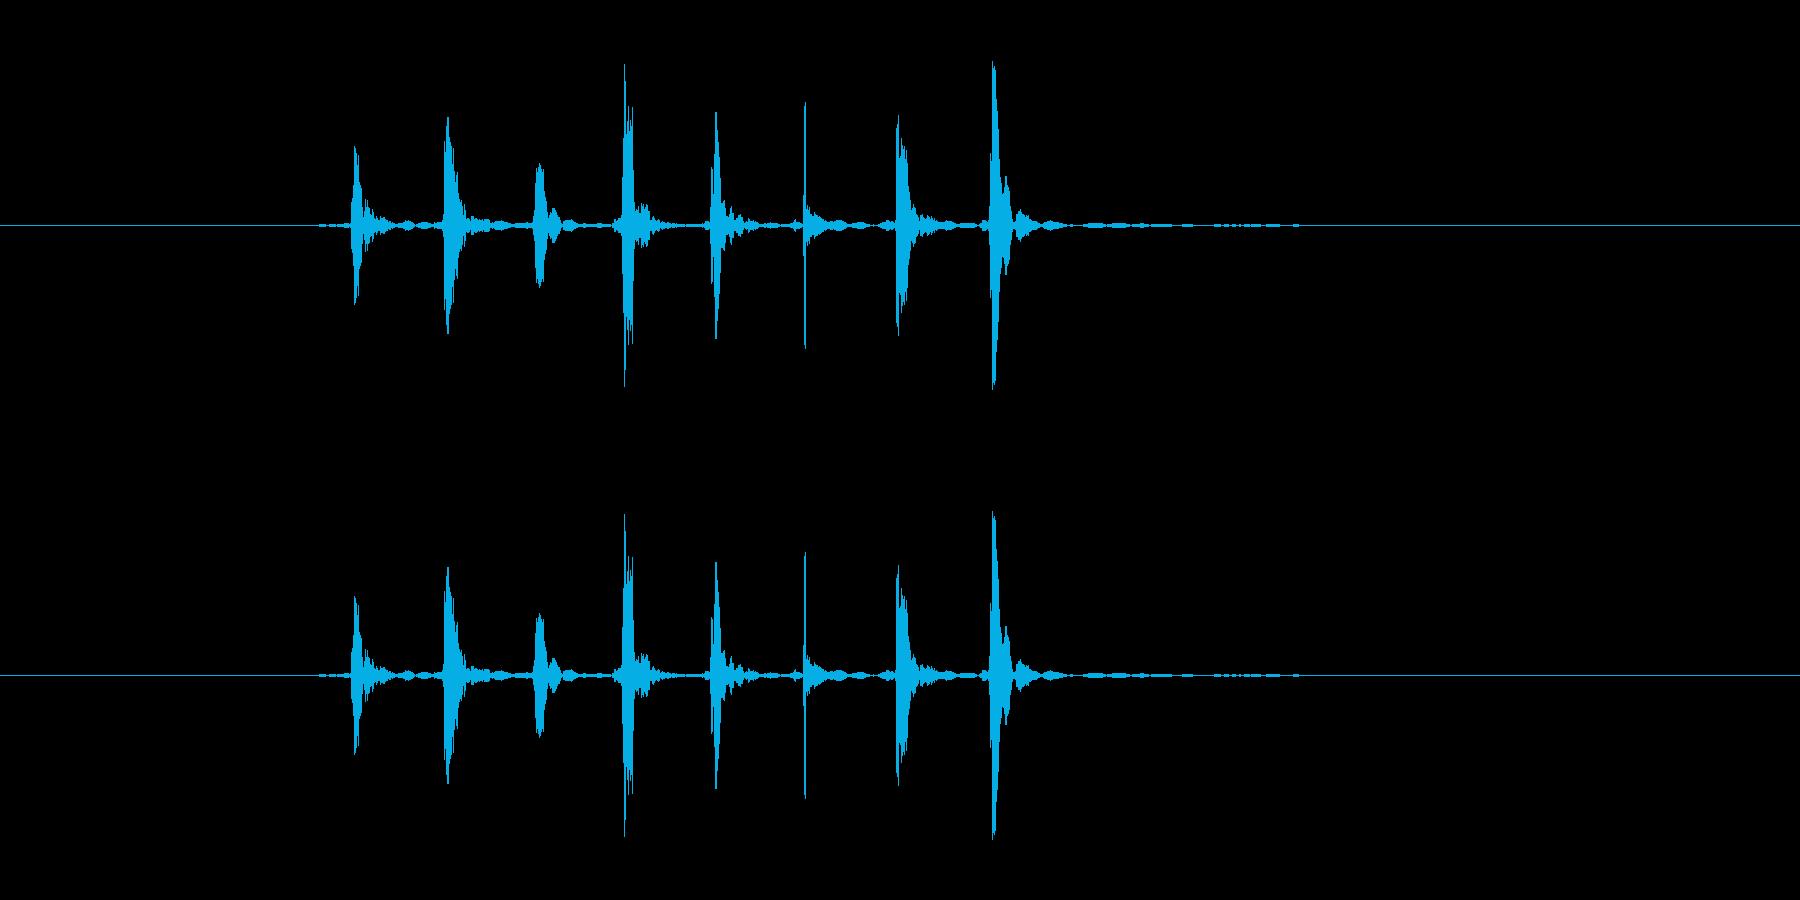 ぽぱぱぱぱぱぽぽの再生済みの波形